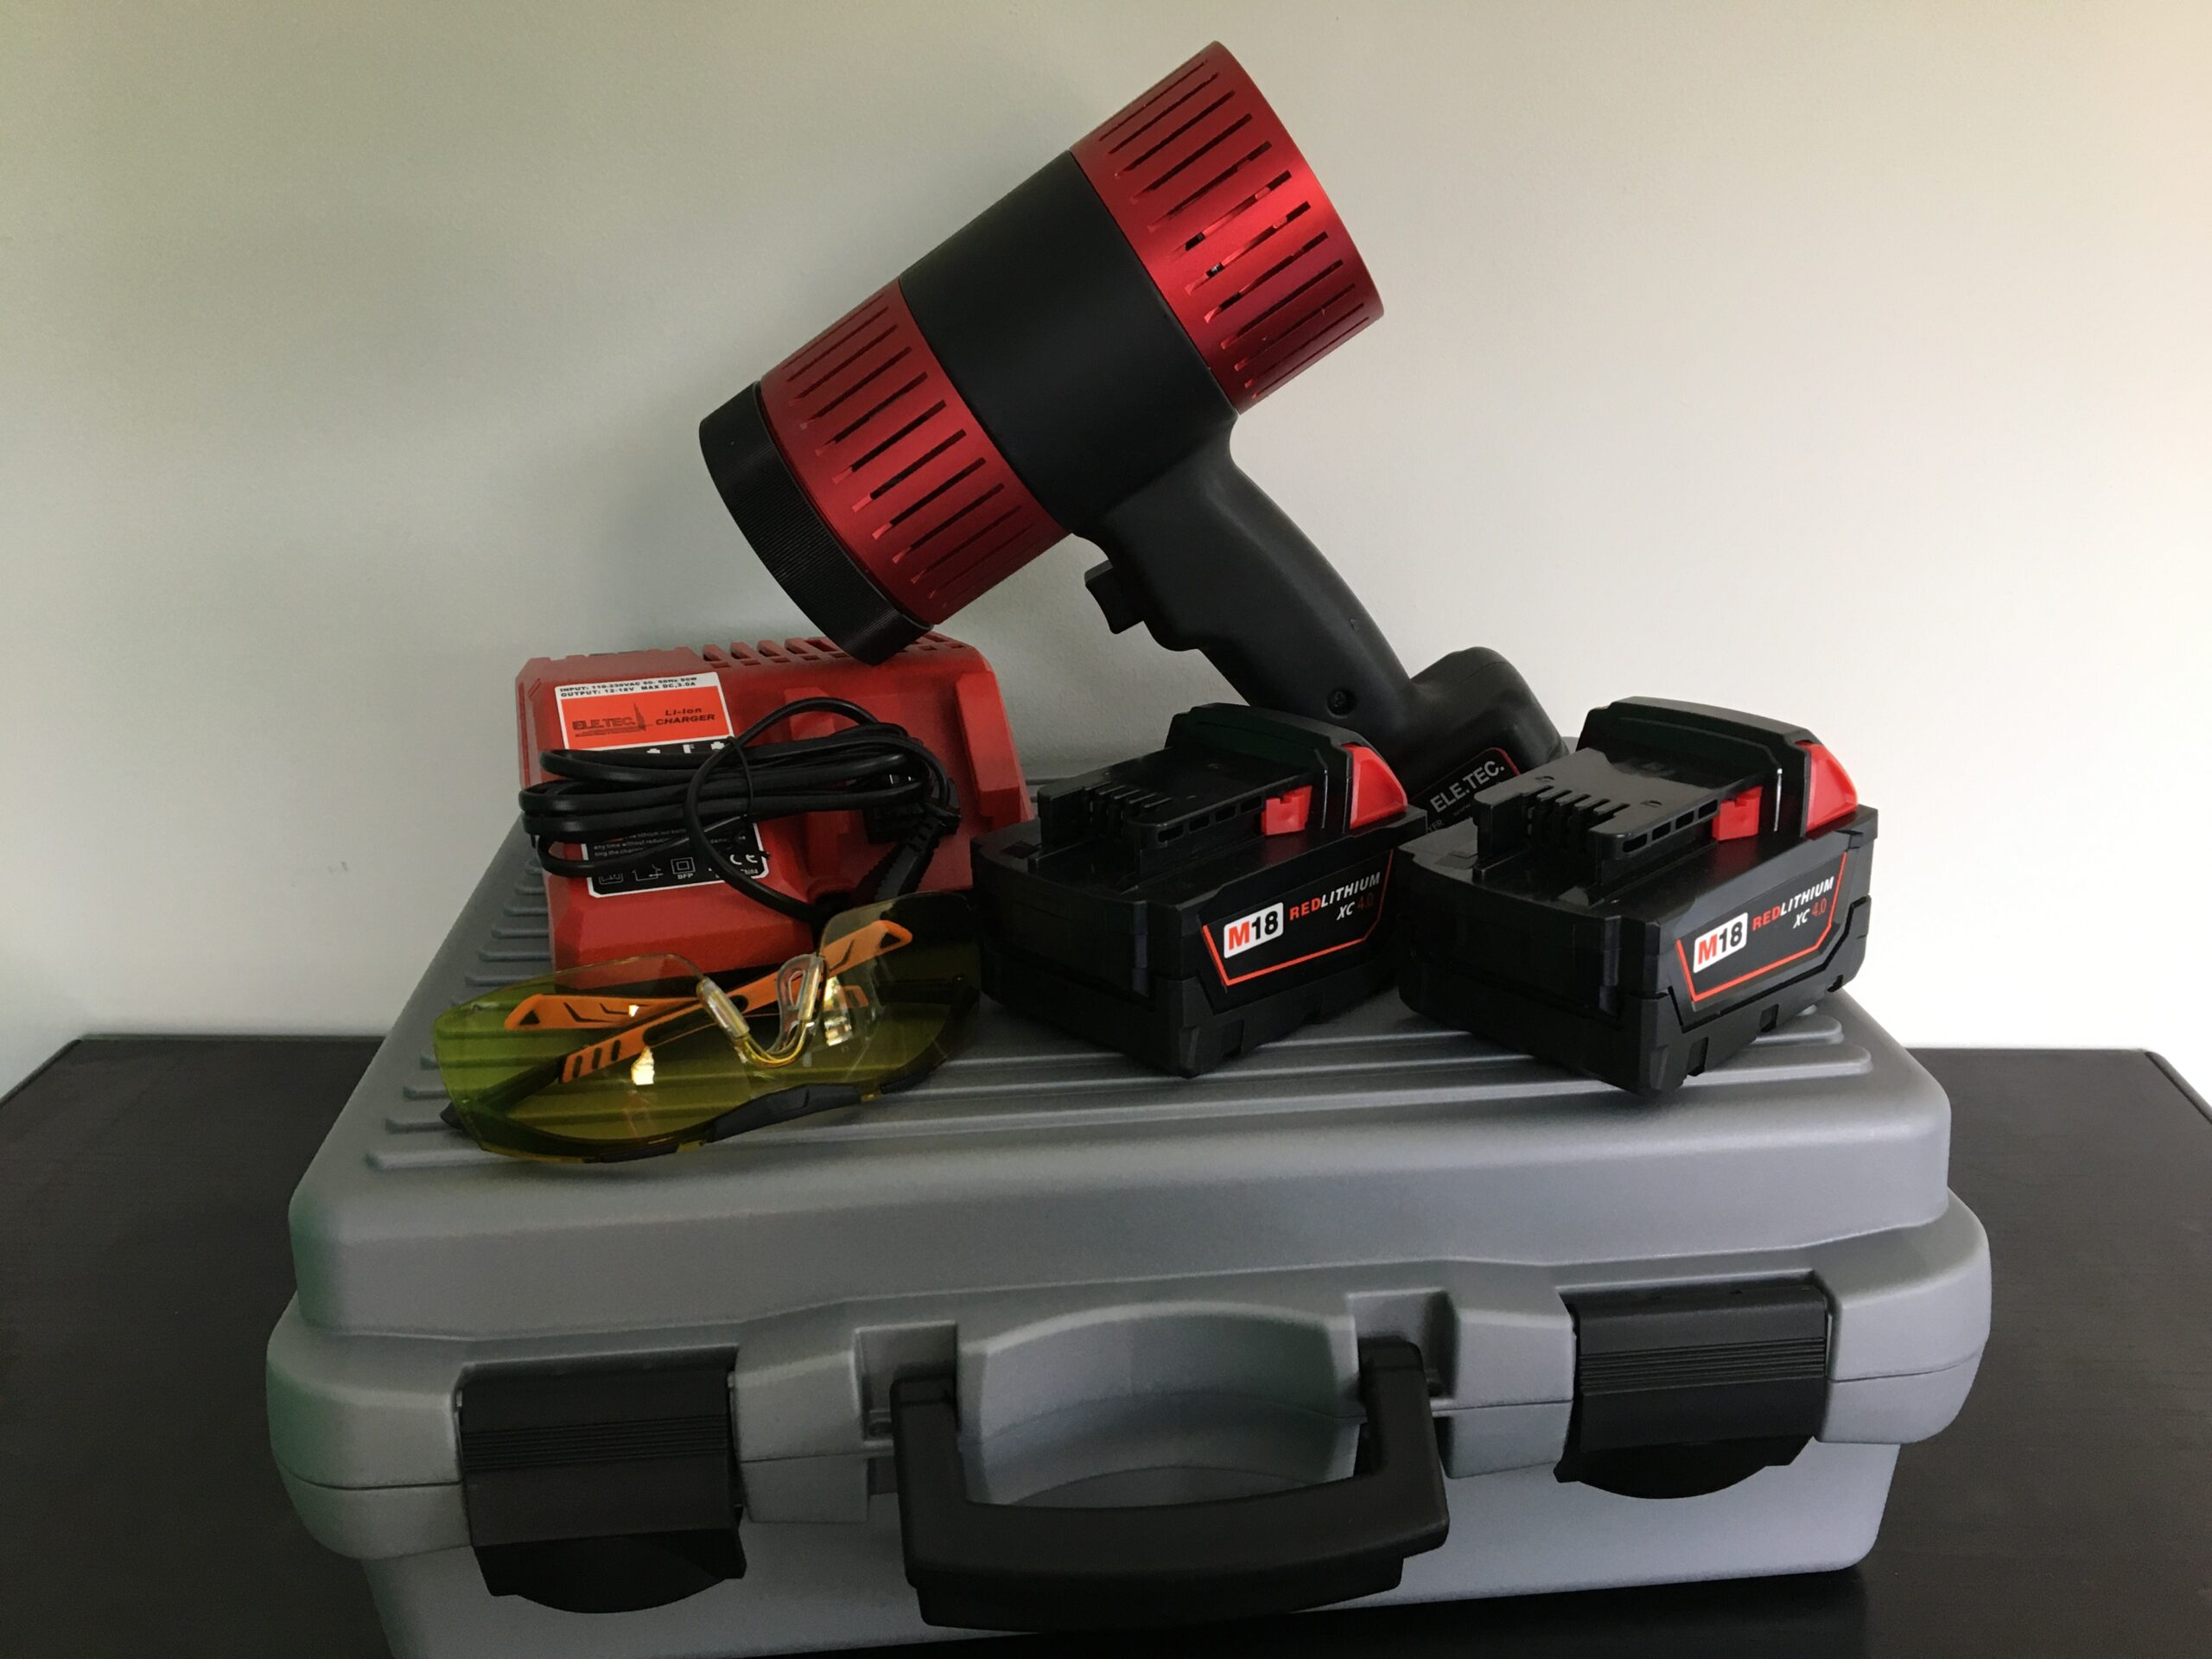 Lampada per essicazione a raggi UV a batteria